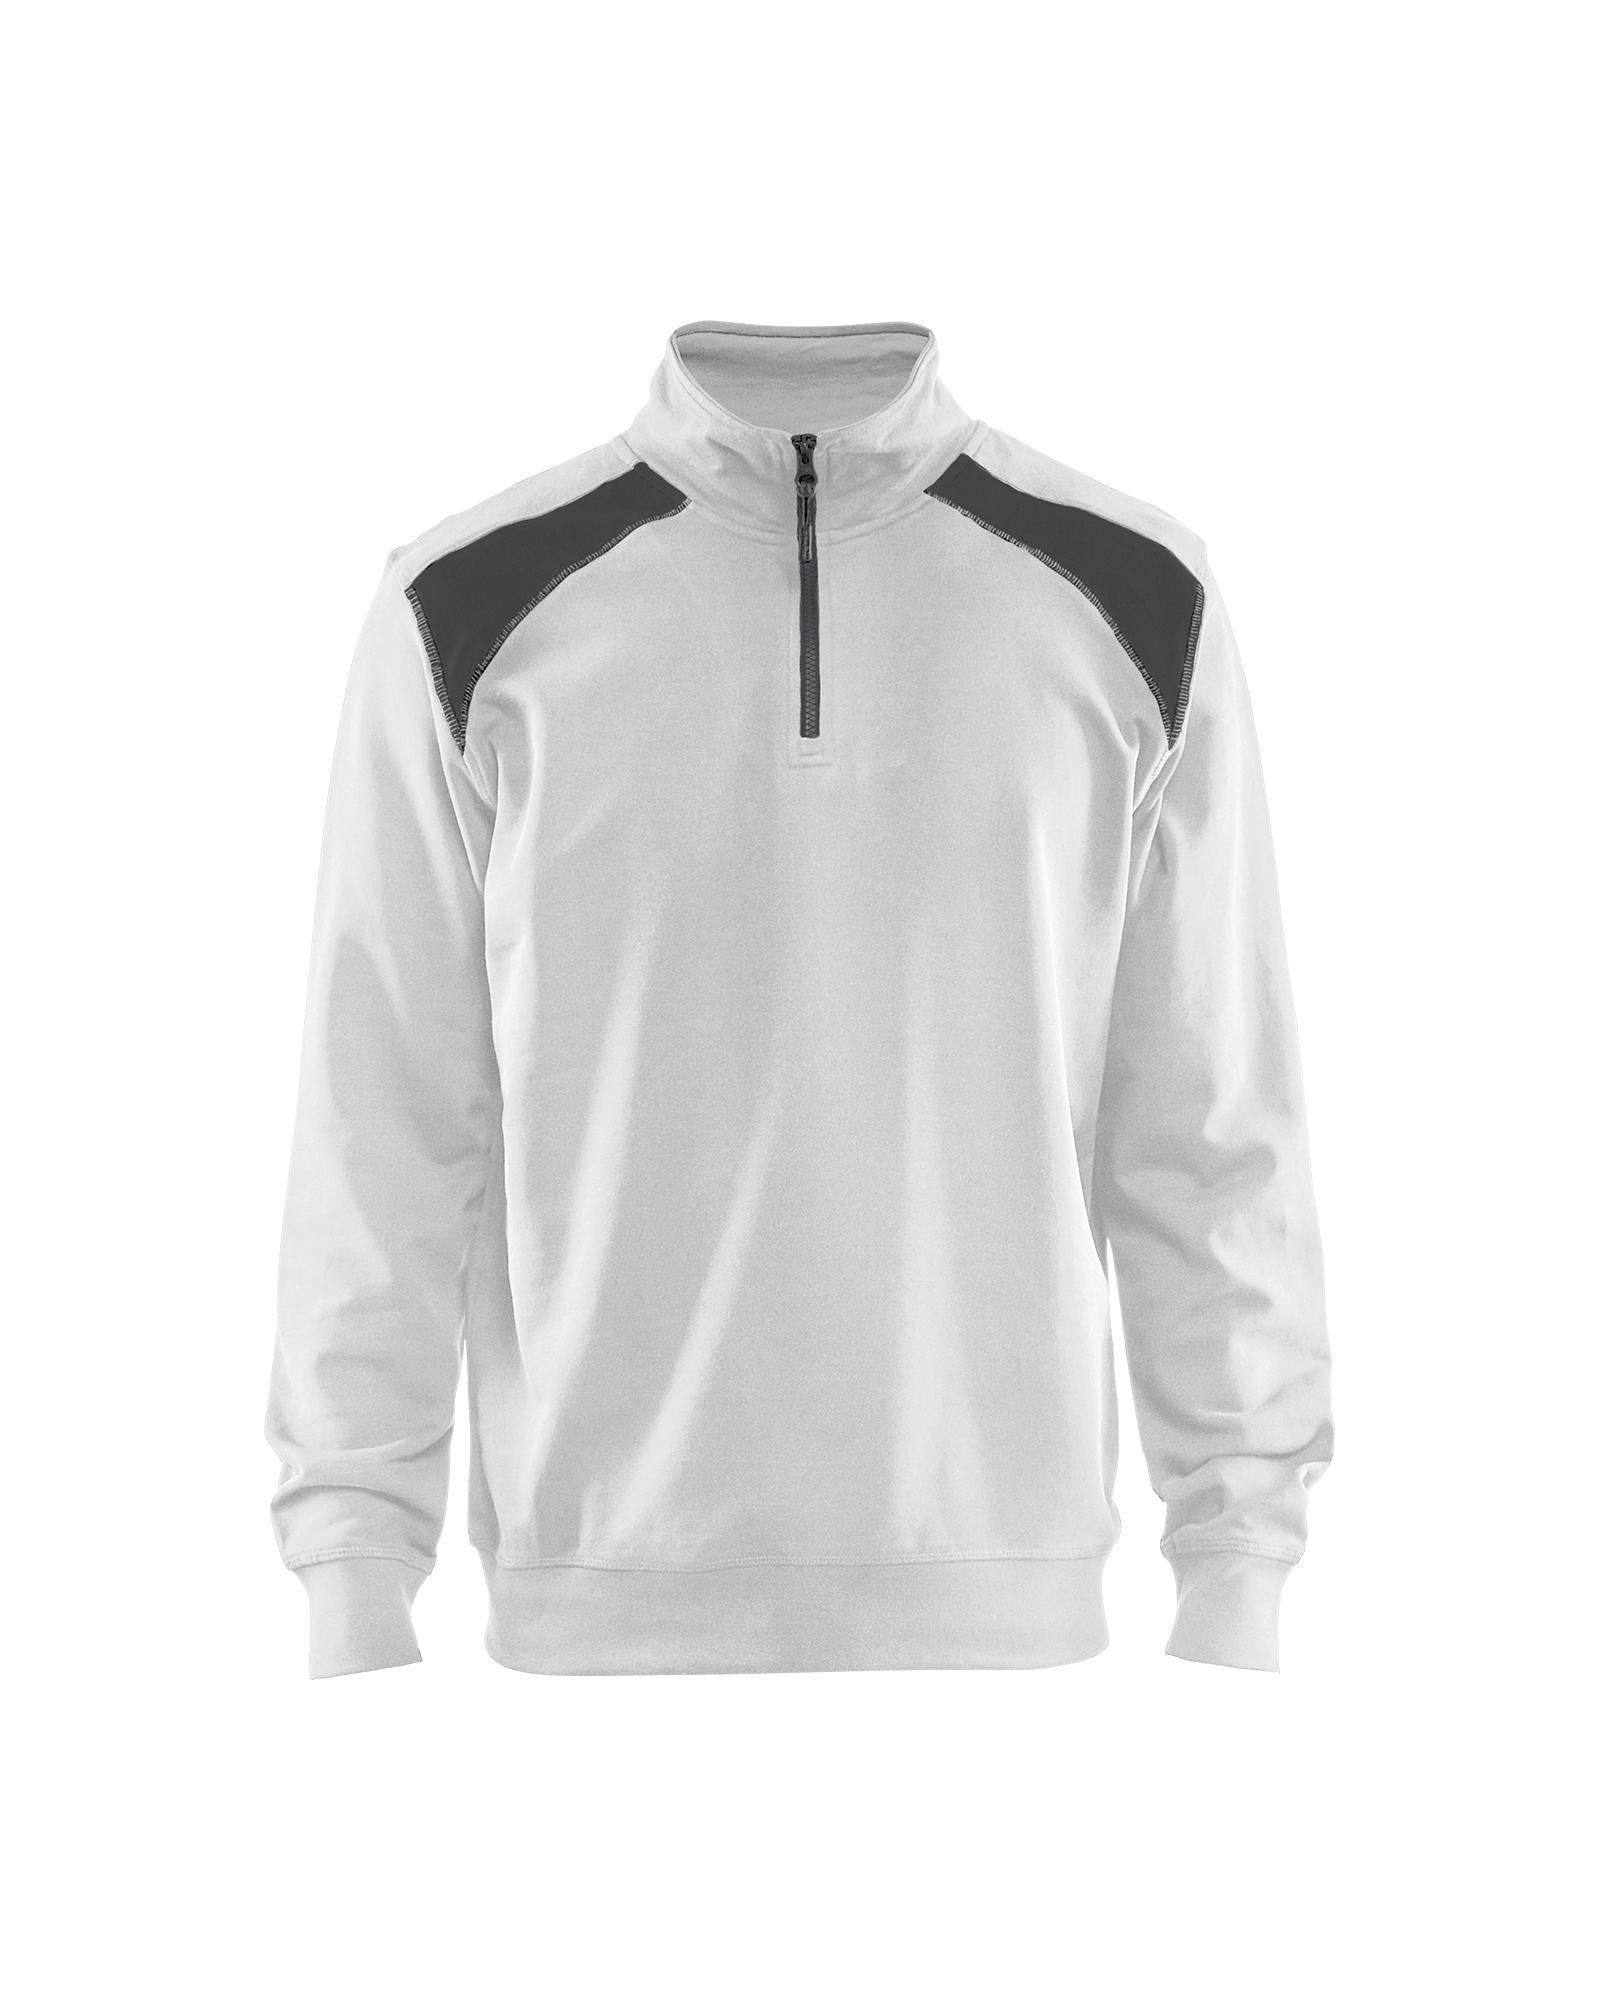 Sweatshirt Bi-Colour met halve rits